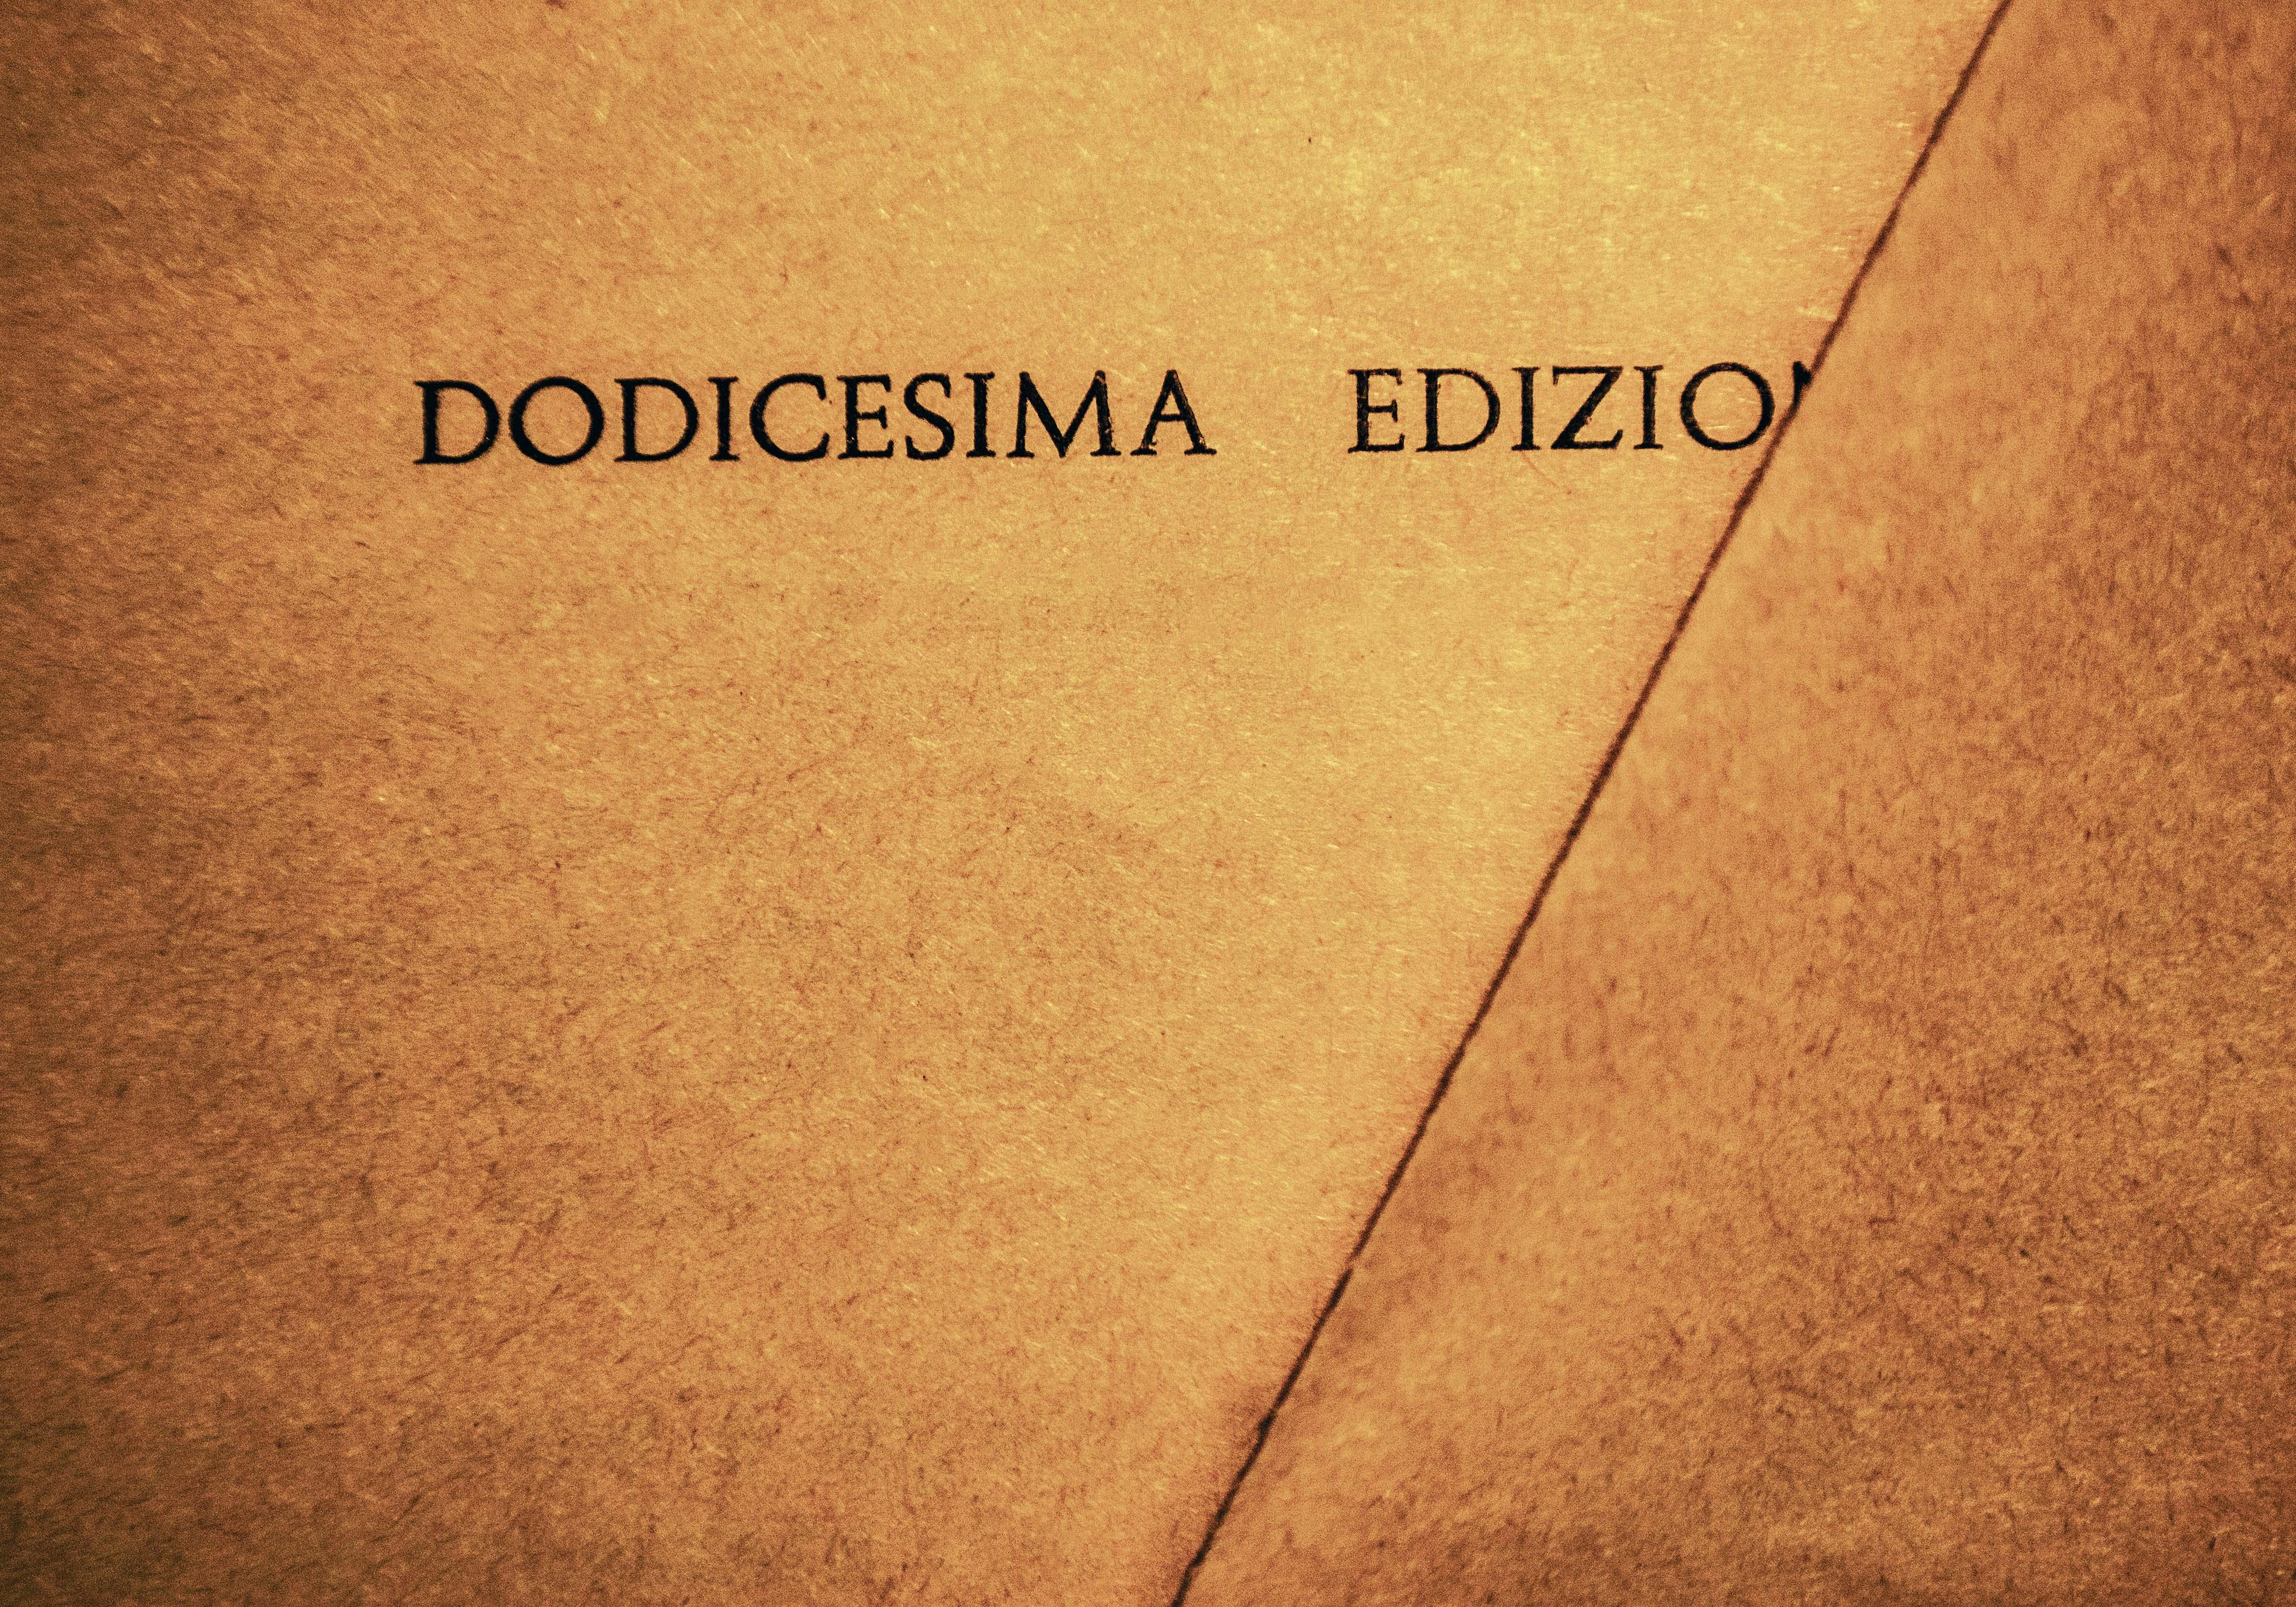 Luisa Menazzi Moretti, Dodici, 2013, Serie Words, cm 42x60